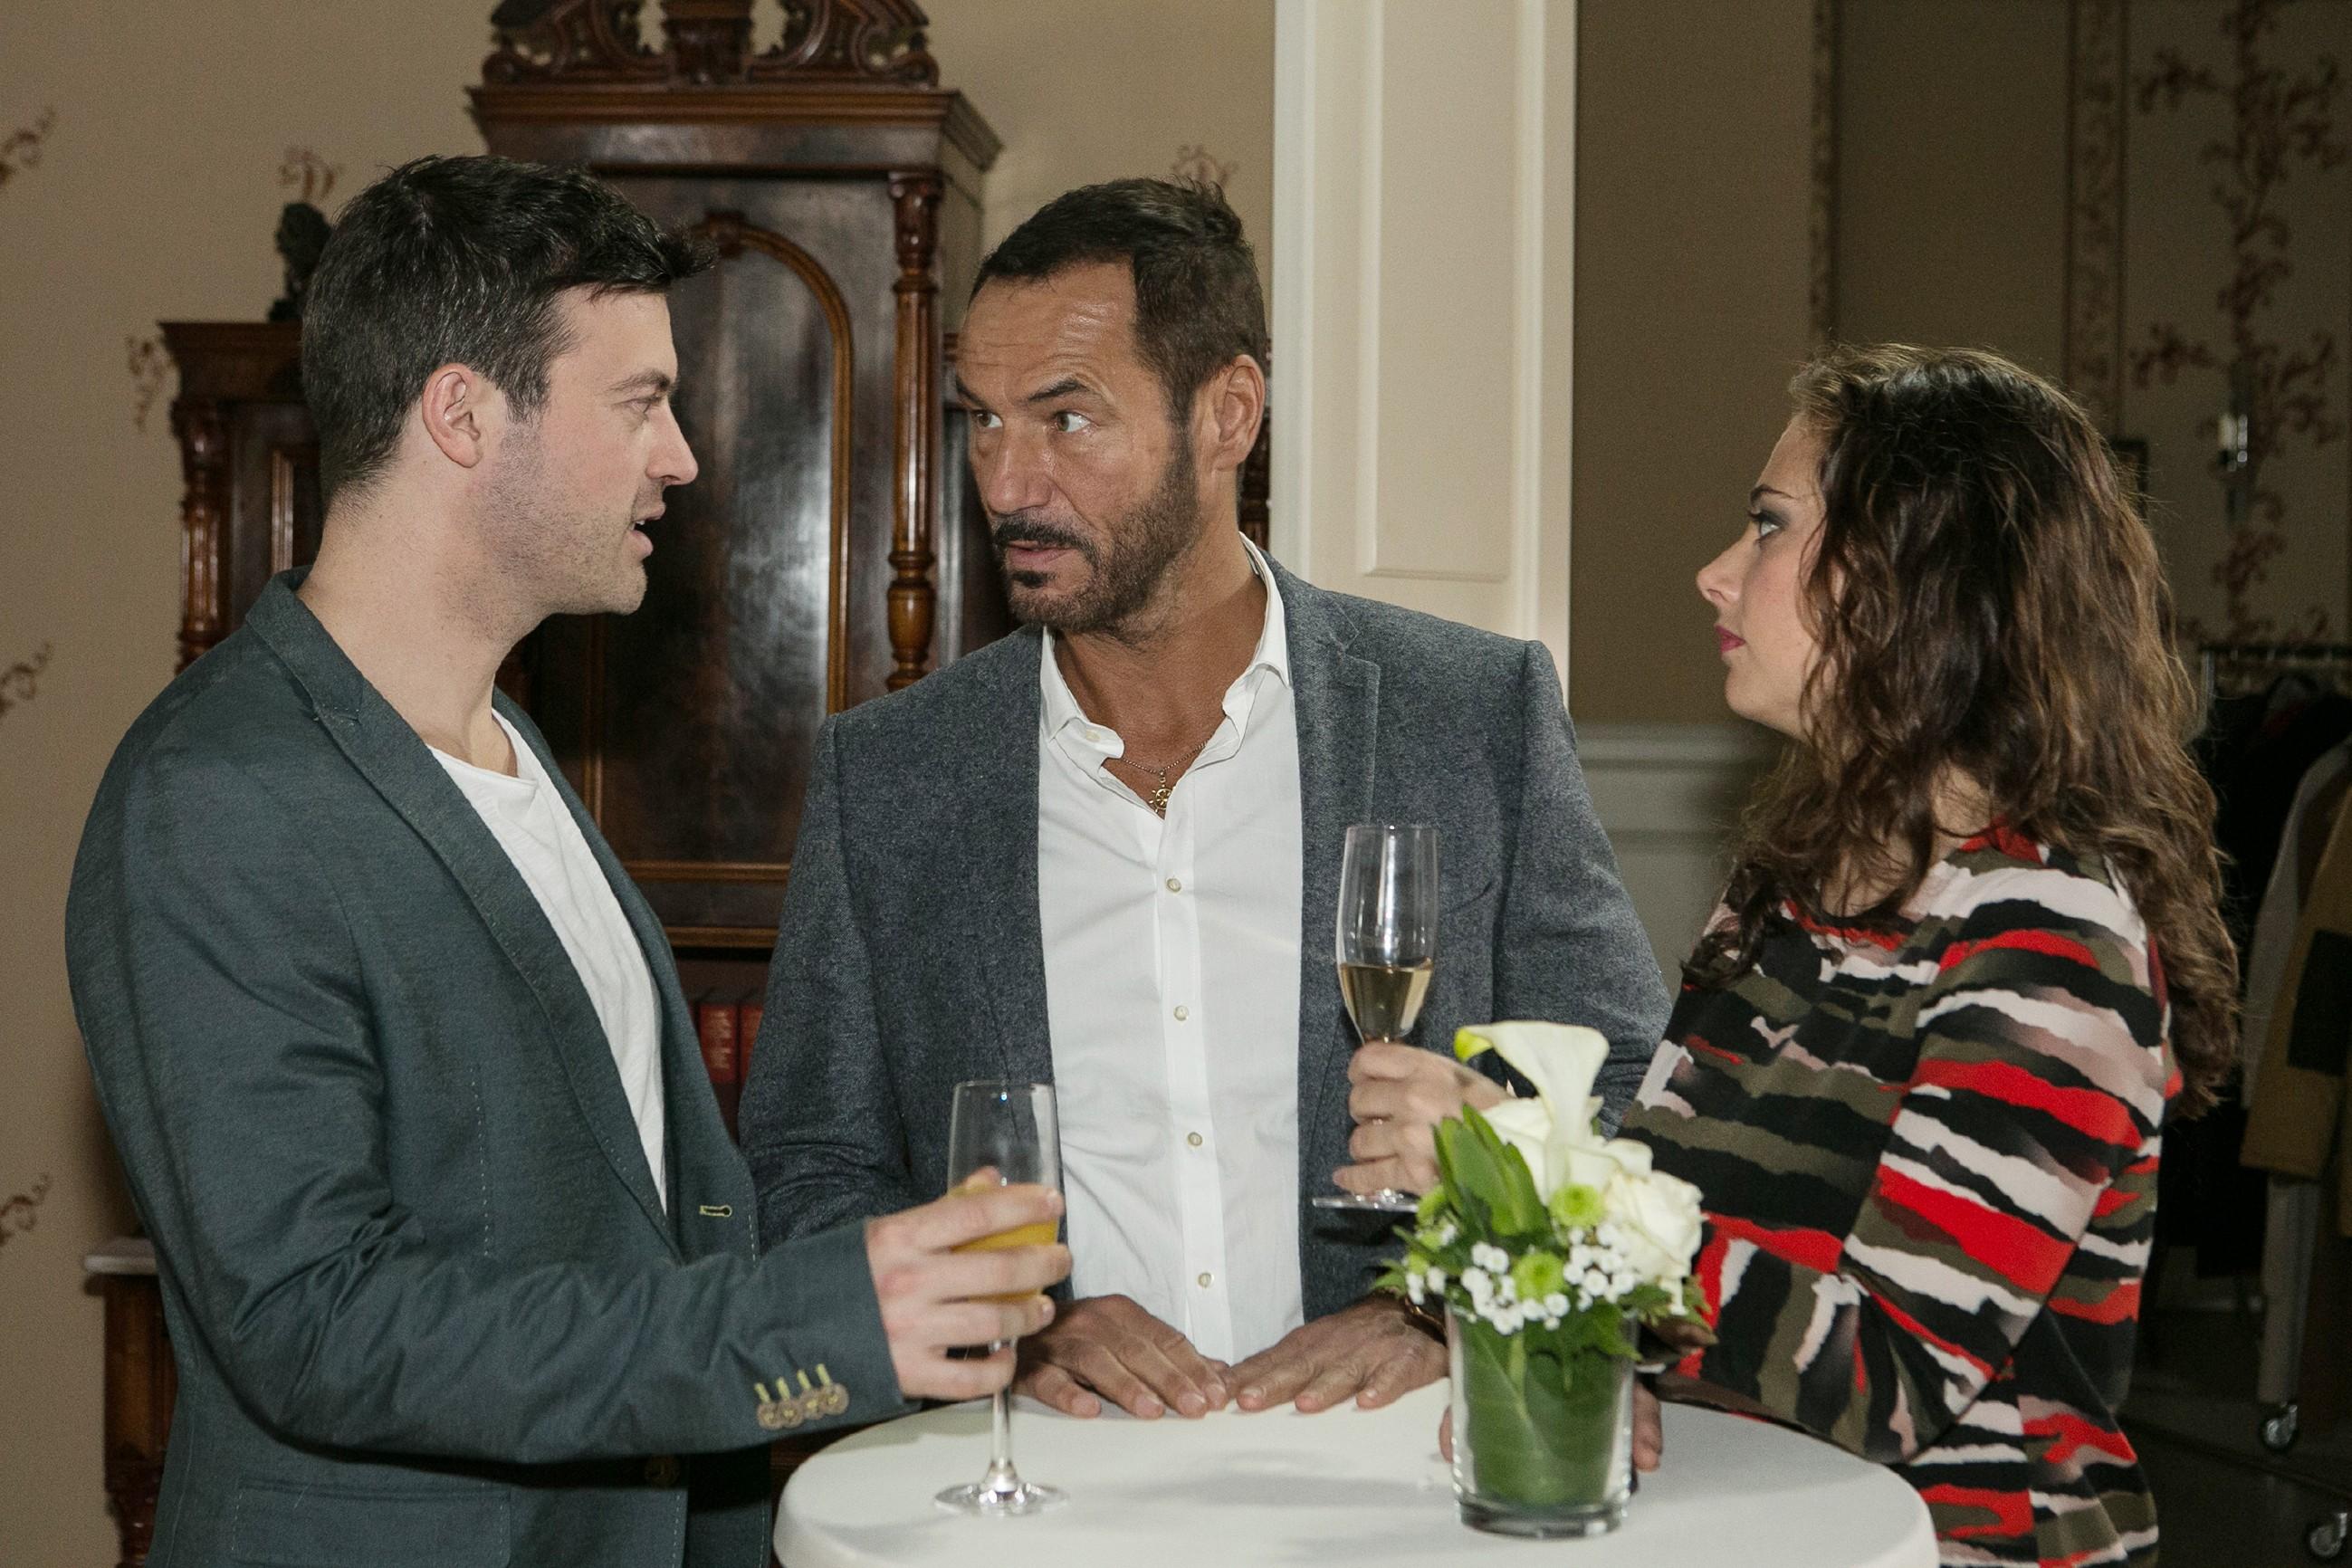 Ben (Jörg Rohde, l.) und Carmen (Heike Warmuth) unterhalten sich bei der Taufe mit Richard (Silvan-Pierre Leirich), der entschlossen ist, seine Abneigung gegen Vincent auf der Tauffeier zu unterdrücken. (Quelle: RTL / Kai Schulz)